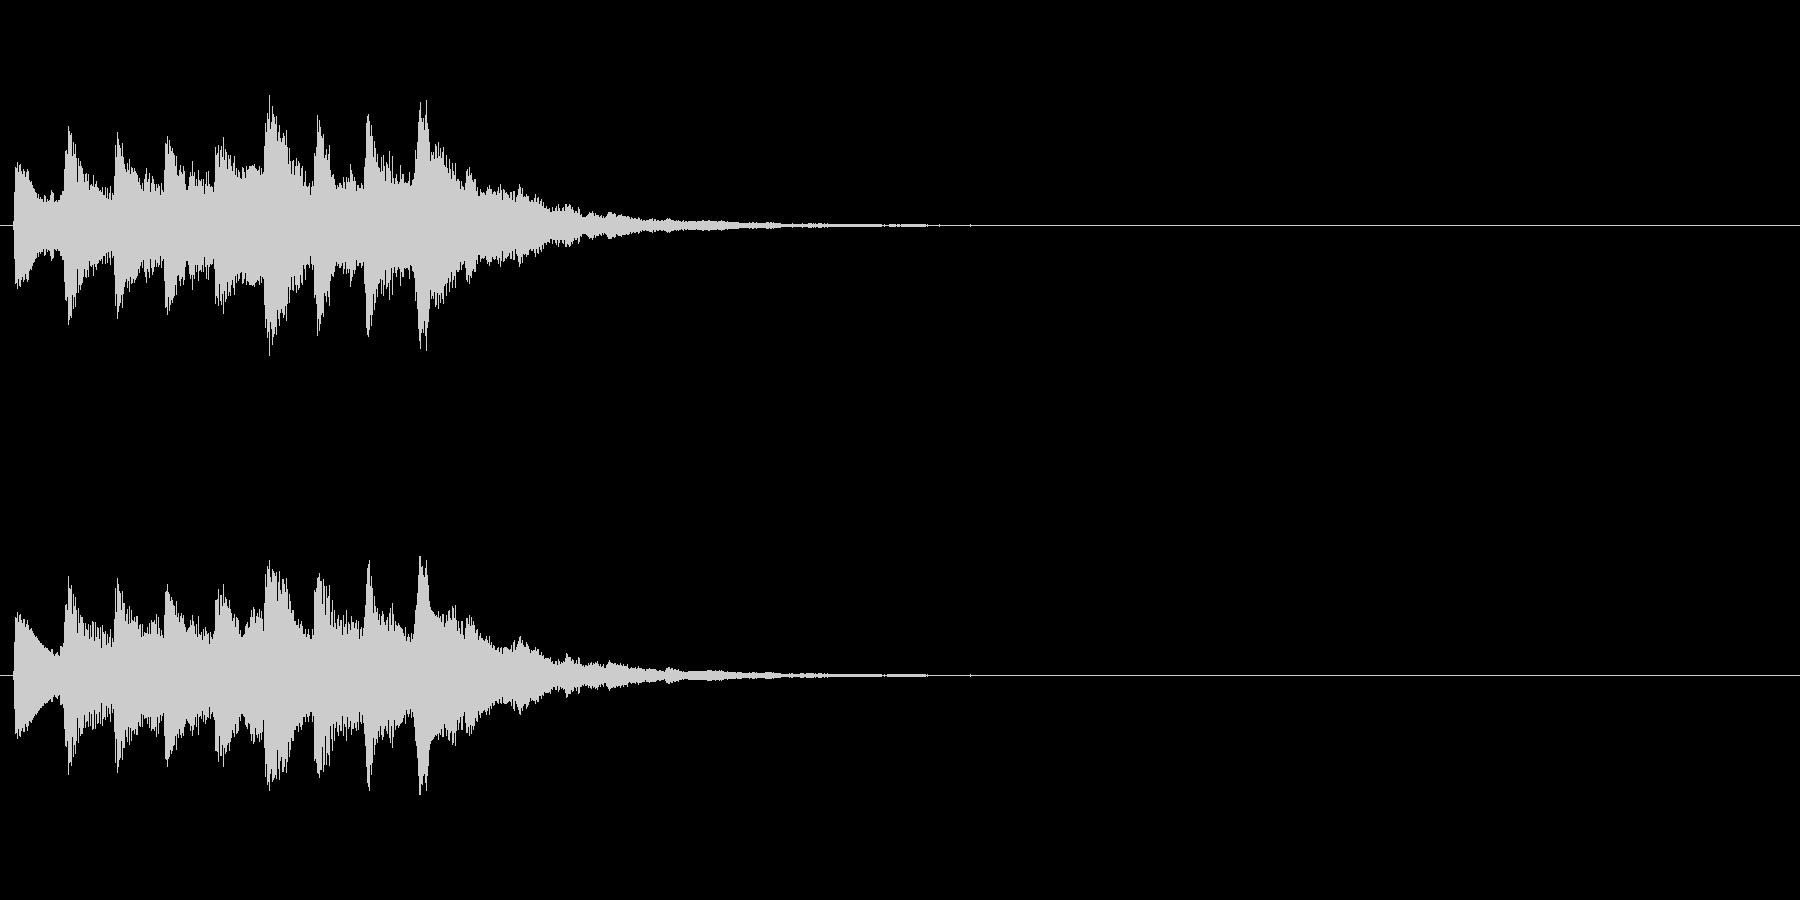 おしらせチャイム 余韻なし の未再生の波形